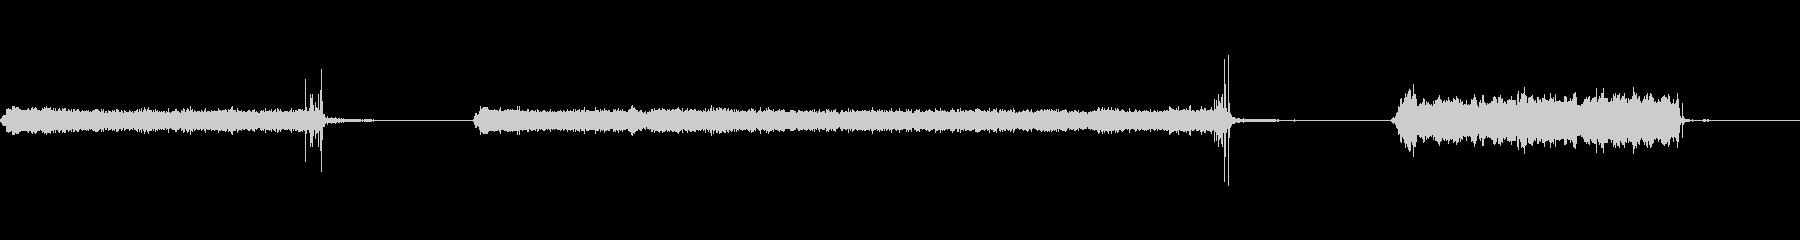 超音波、クリーニングマシン、ブザー...の未再生の波形